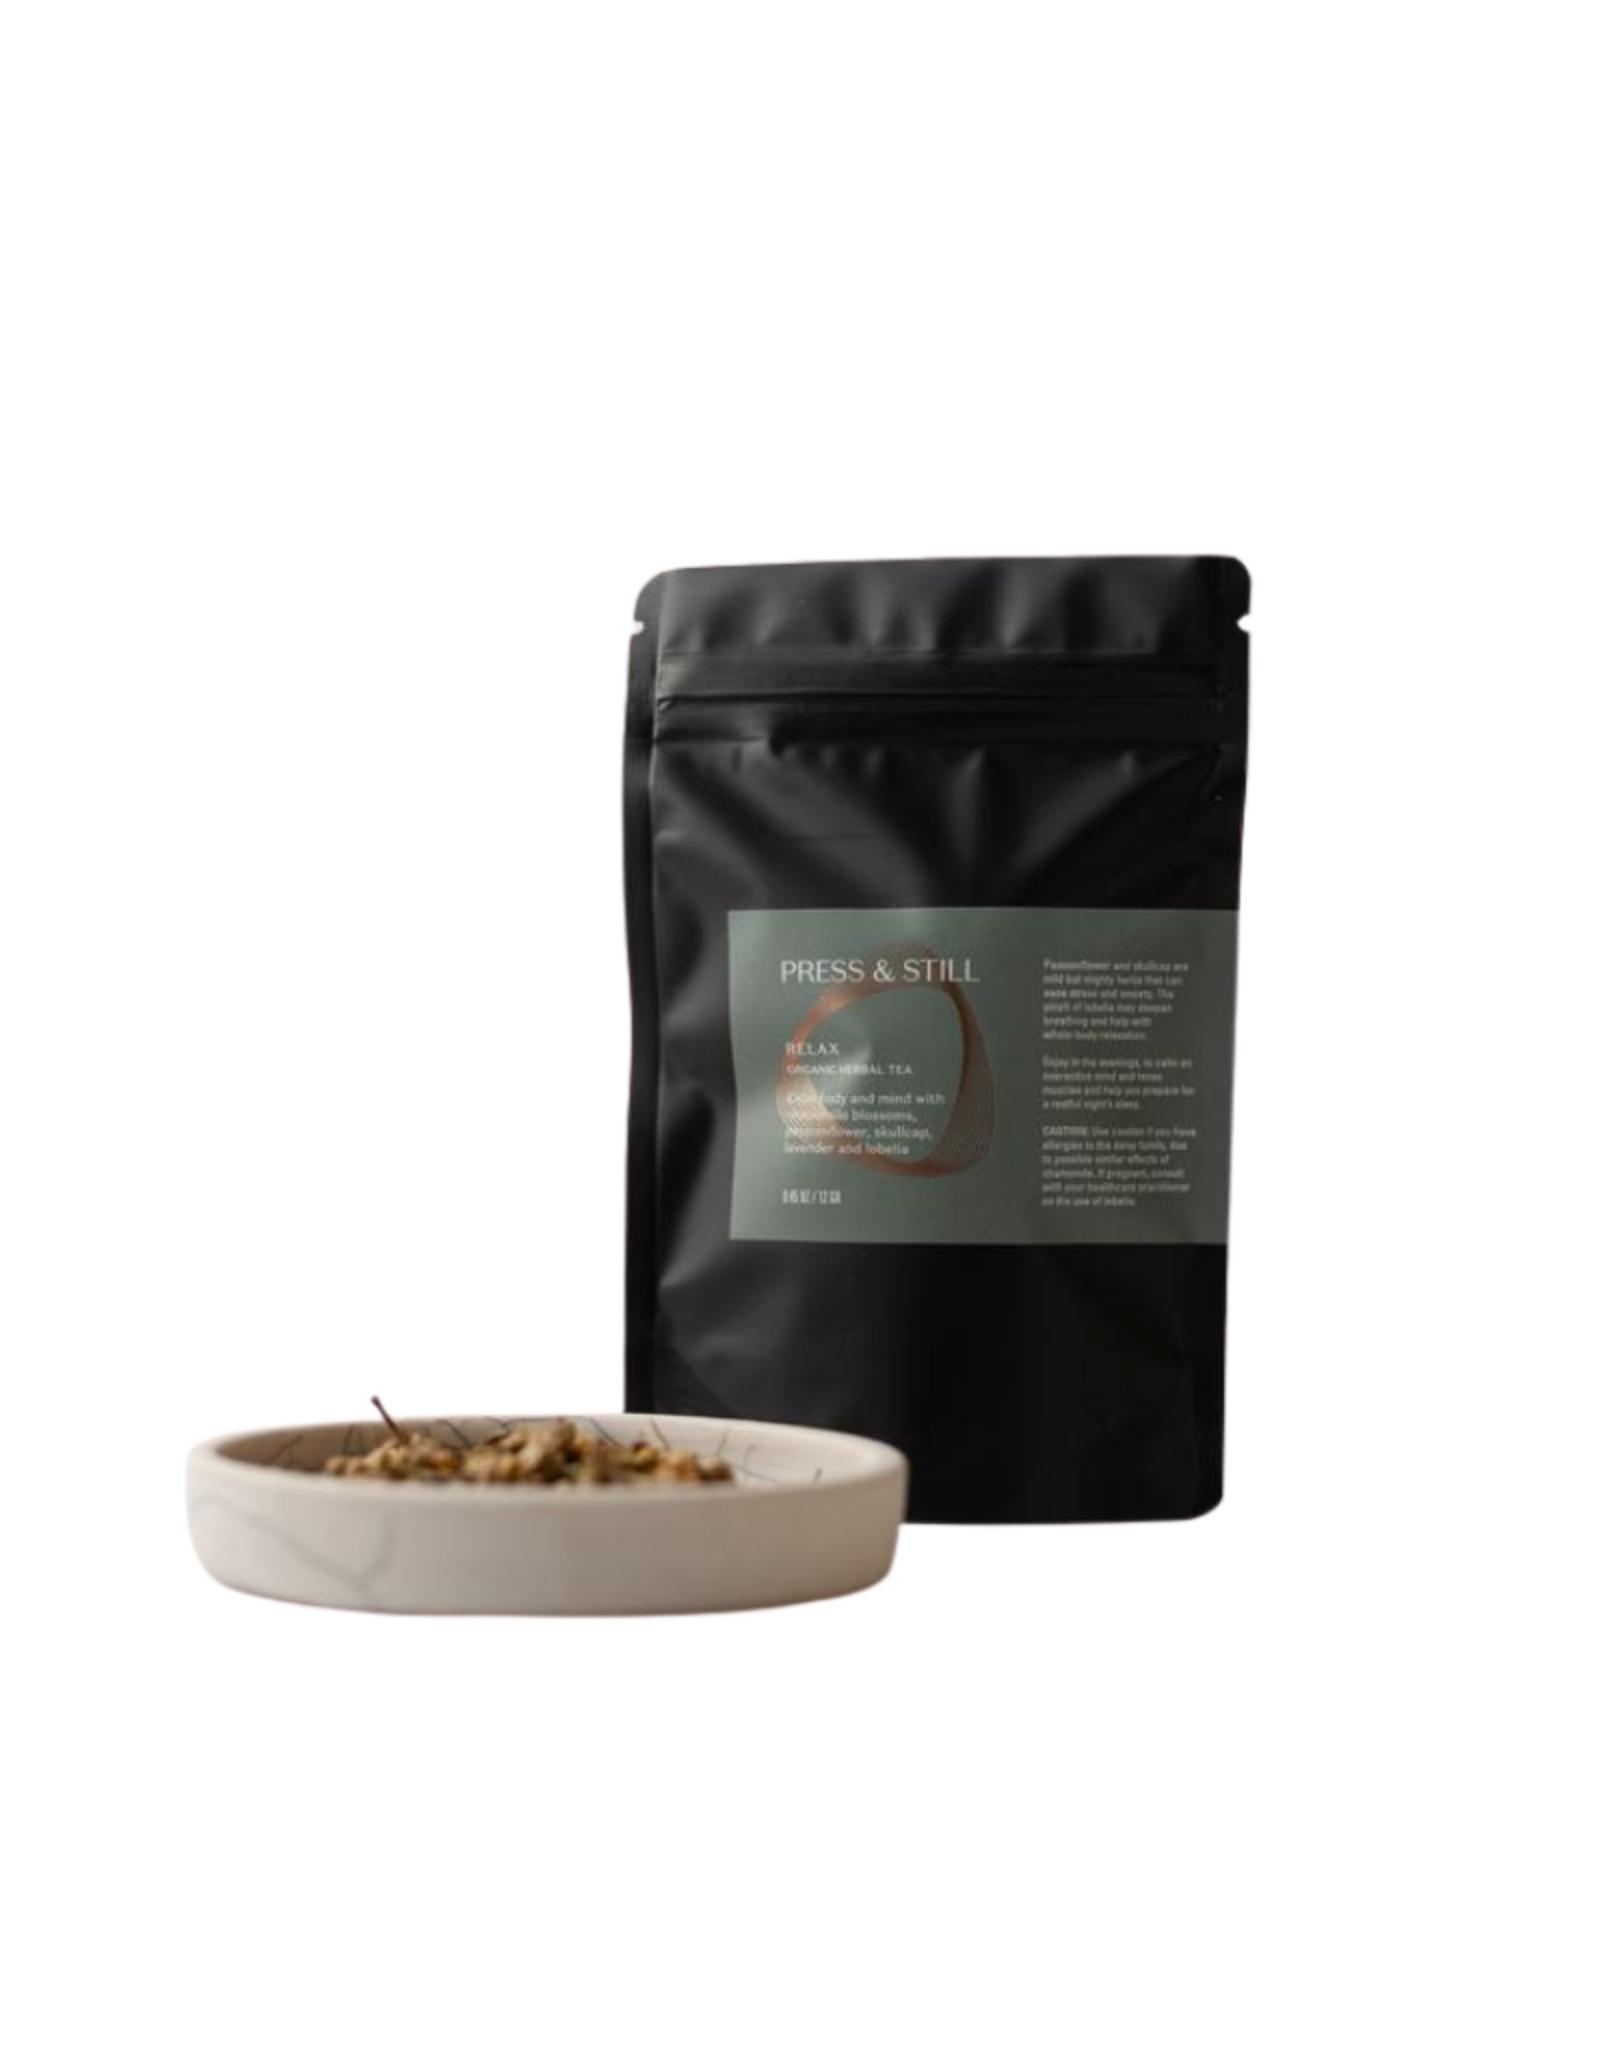 Press & Still Relax Organic Herbal Tea